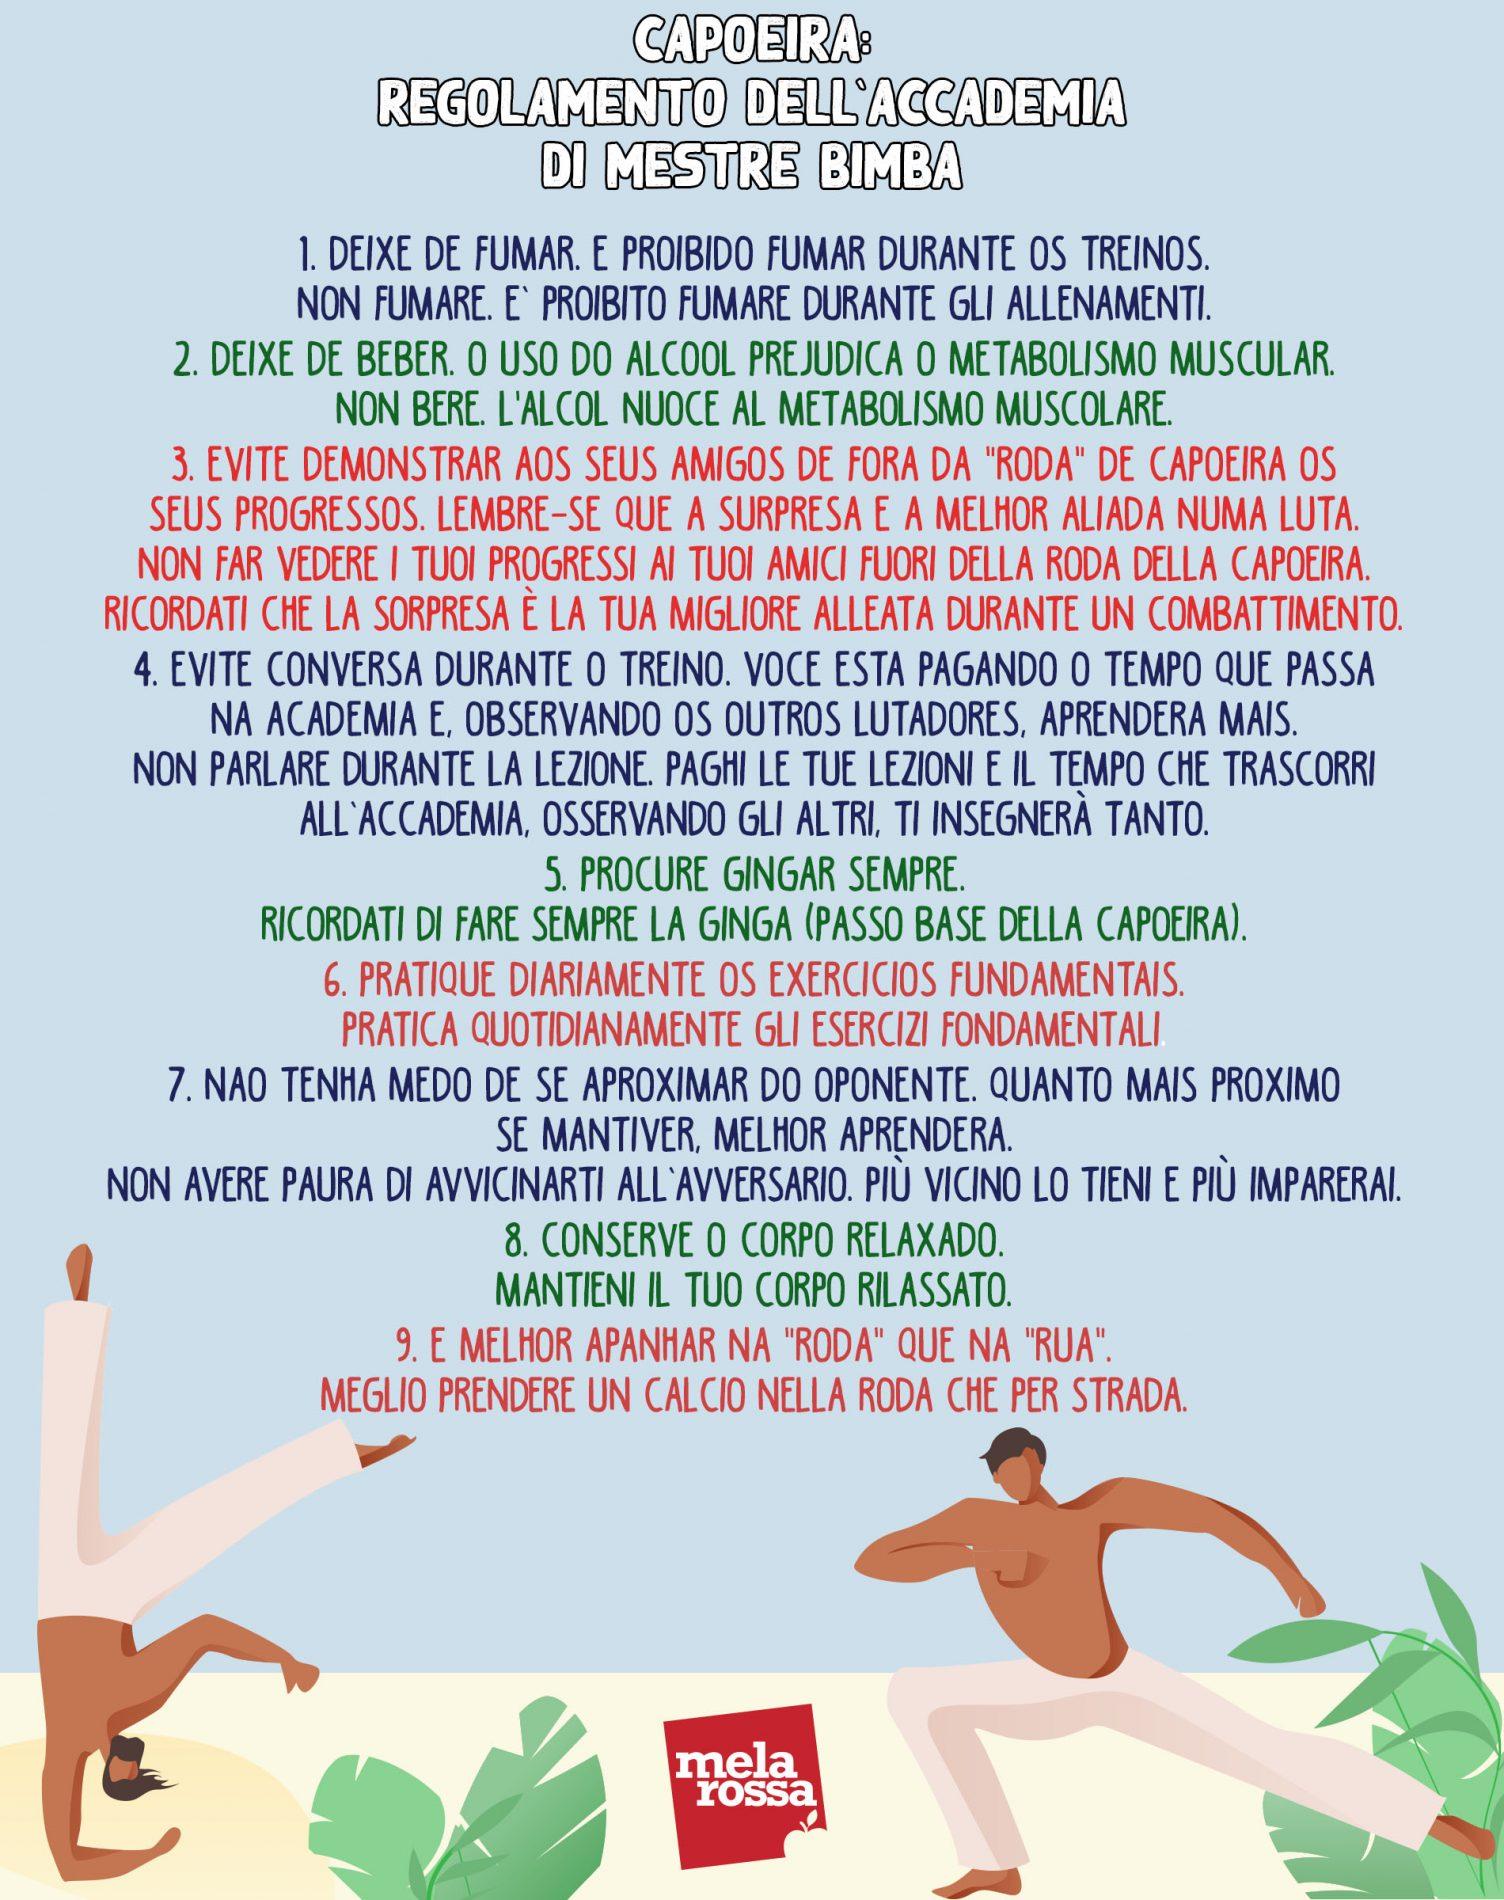 capoeira: reglamento de la academia